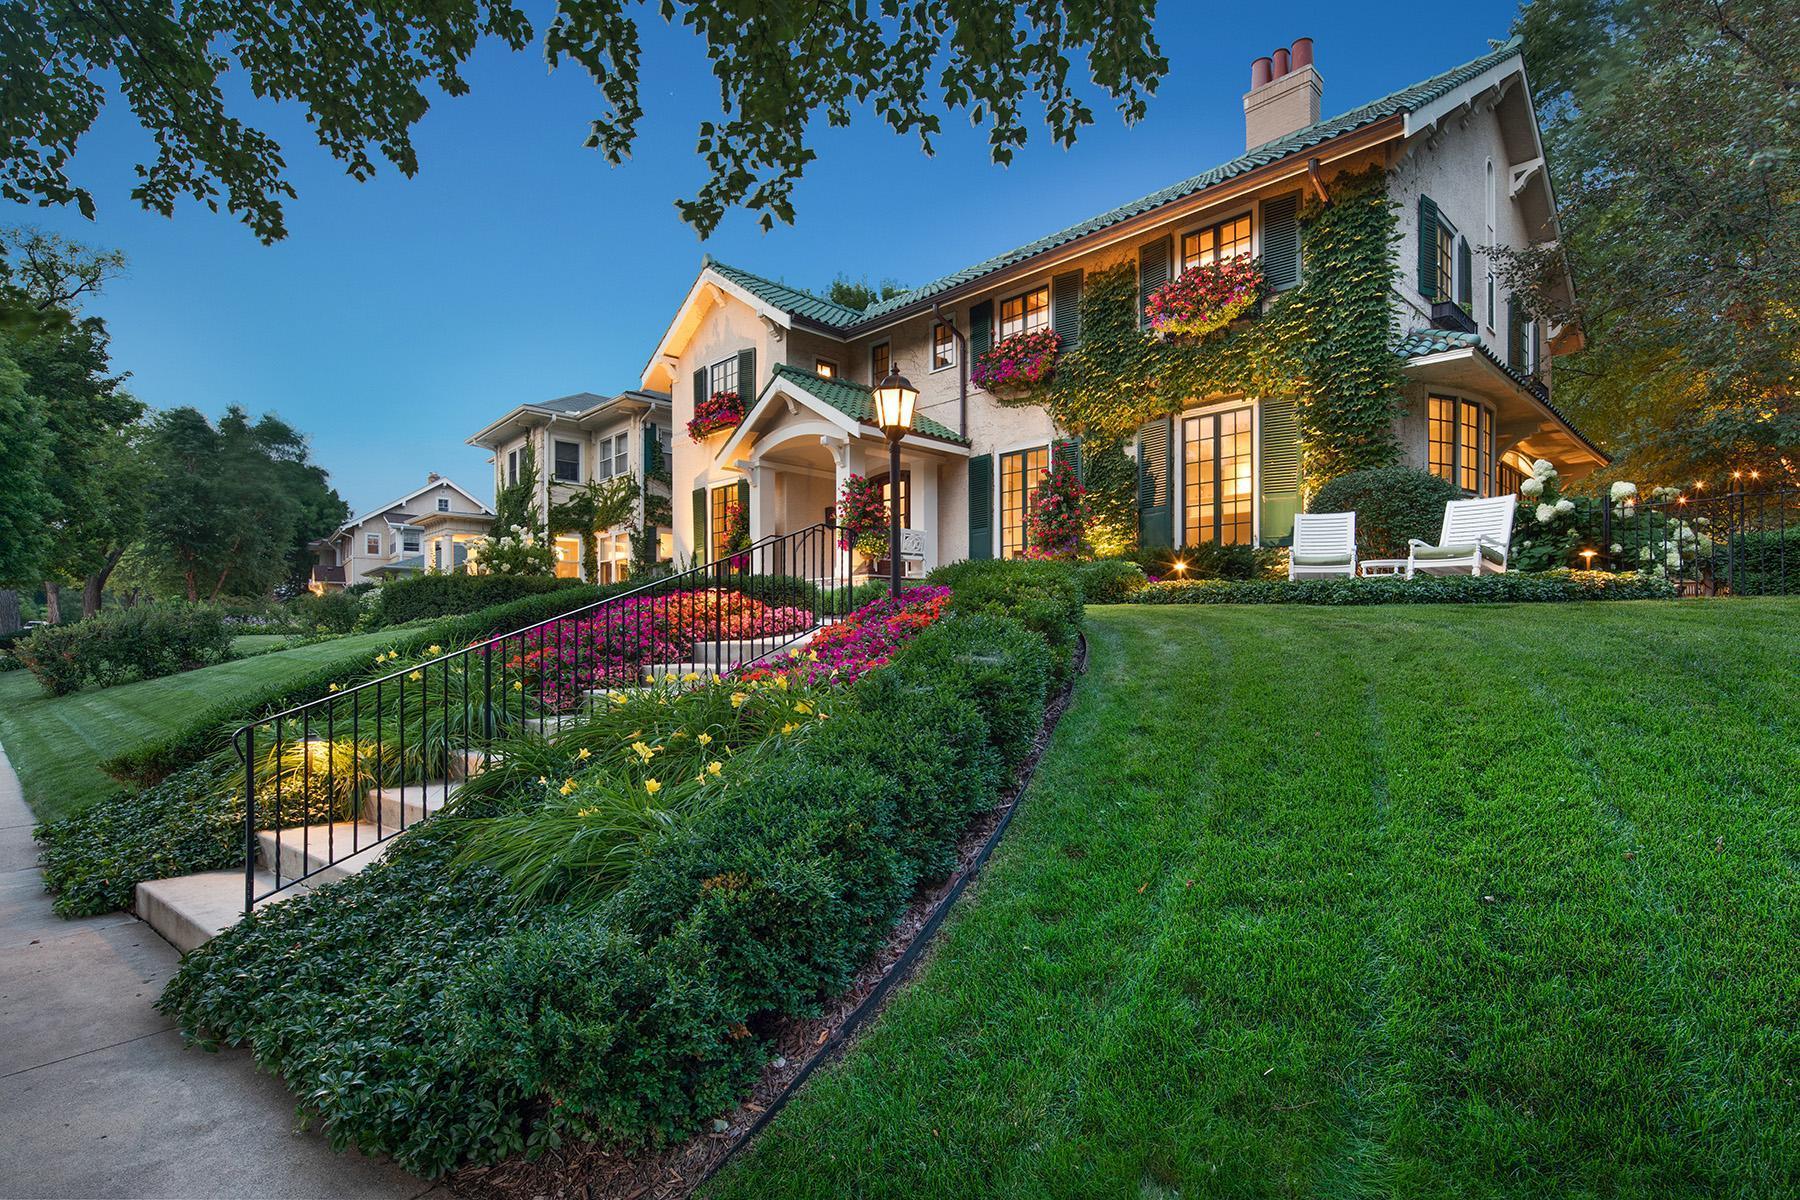 2305 Penn Avenue S Property Photo - Minneapolis, MN real estate listing